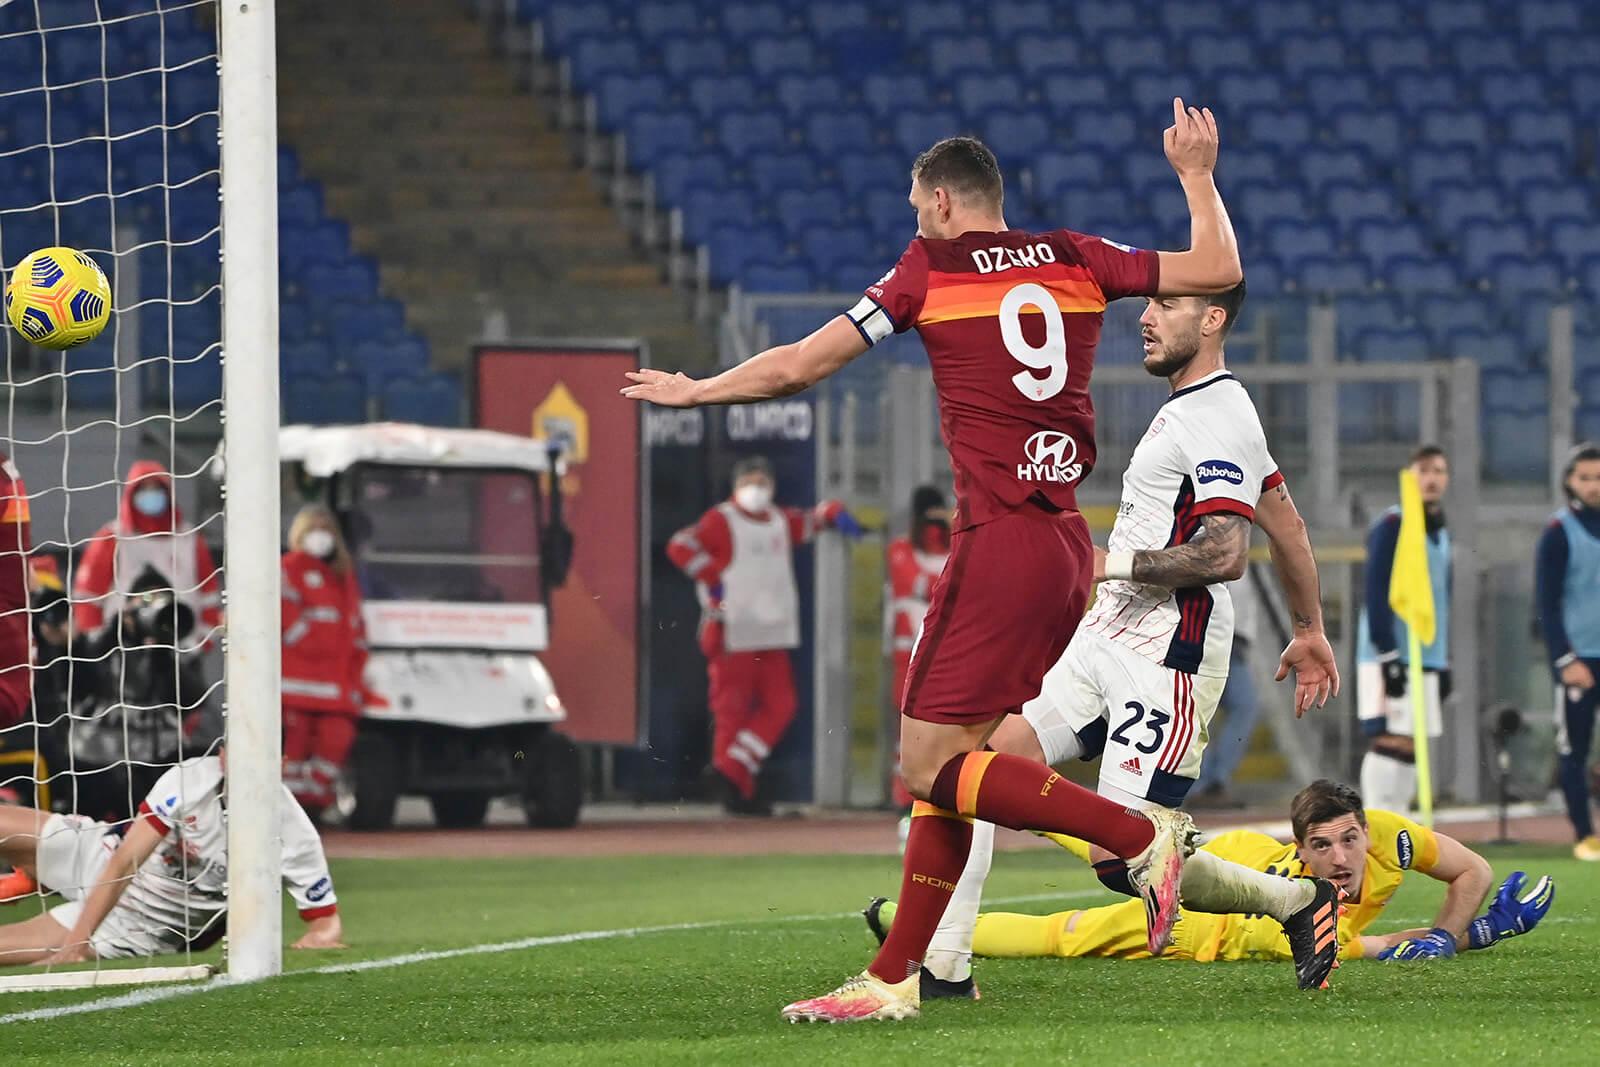 ملخص واهداف مباراة روما وكالياري (3-2) الدوري الايطالي